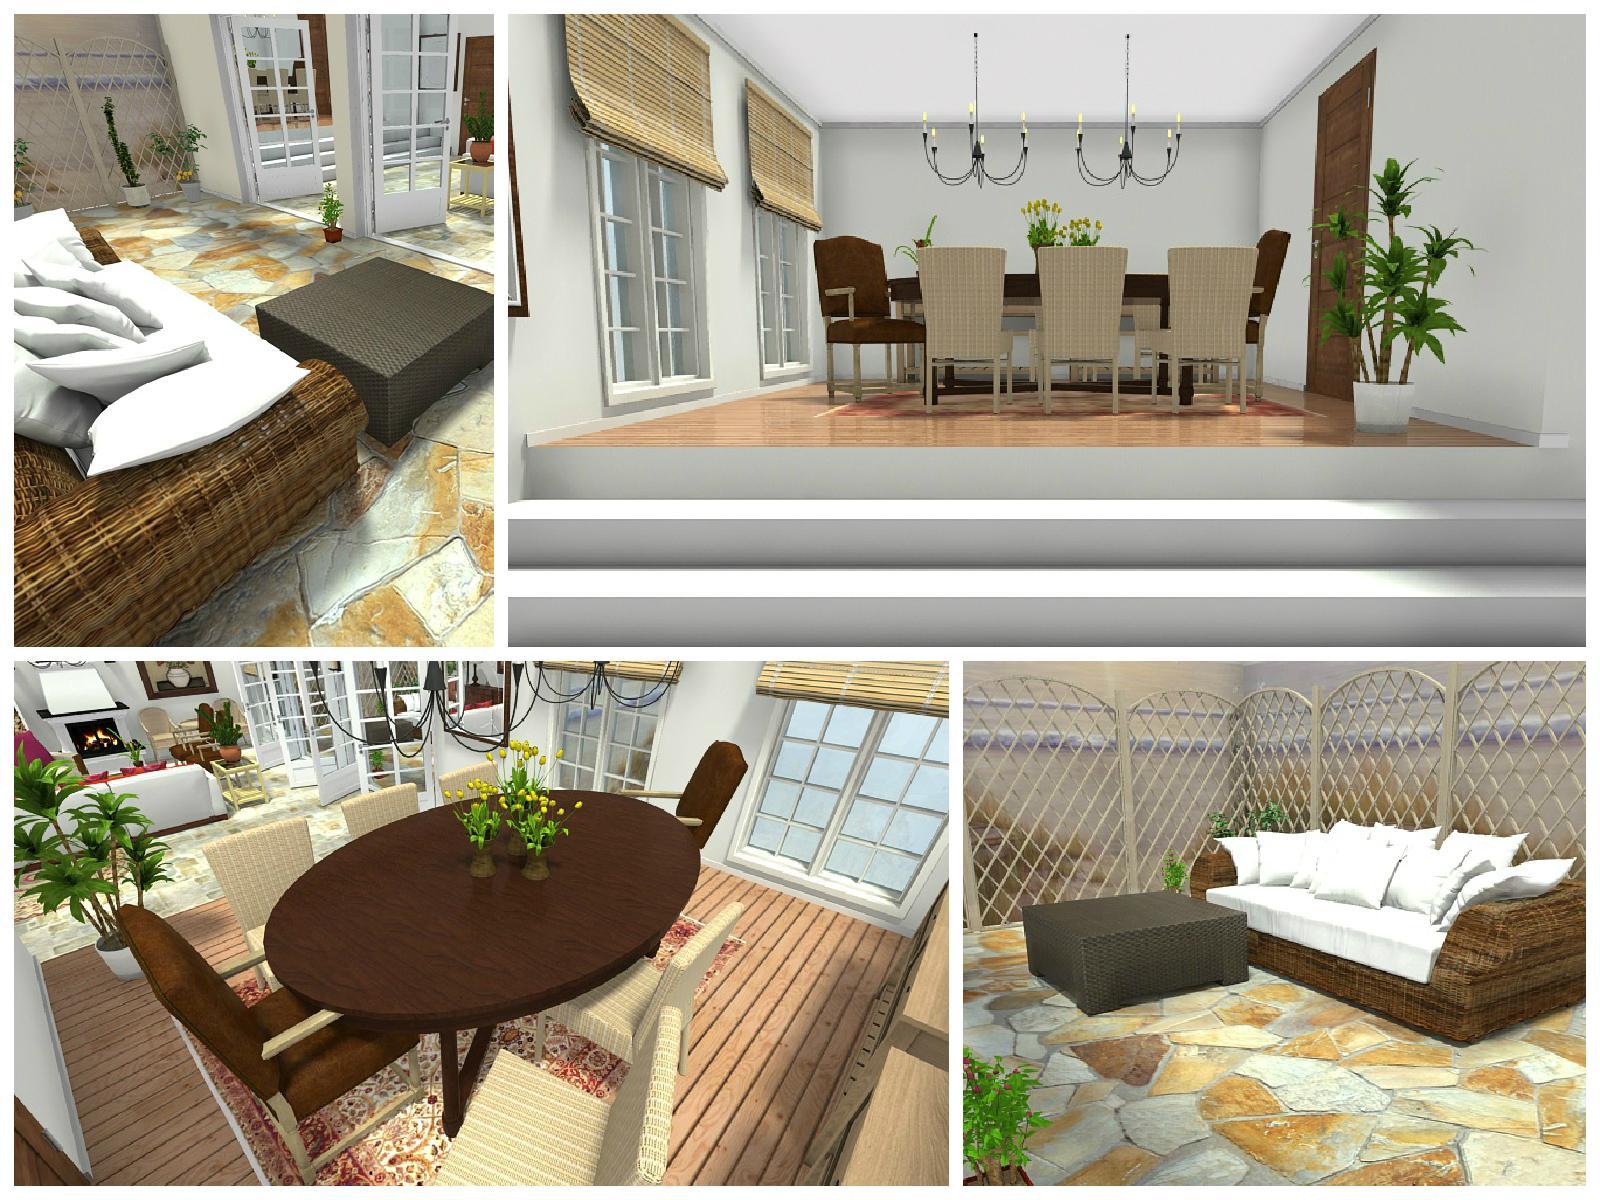 mediterraner stil bilder ideen couchstyle. Black Bedroom Furniture Sets. Home Design Ideas